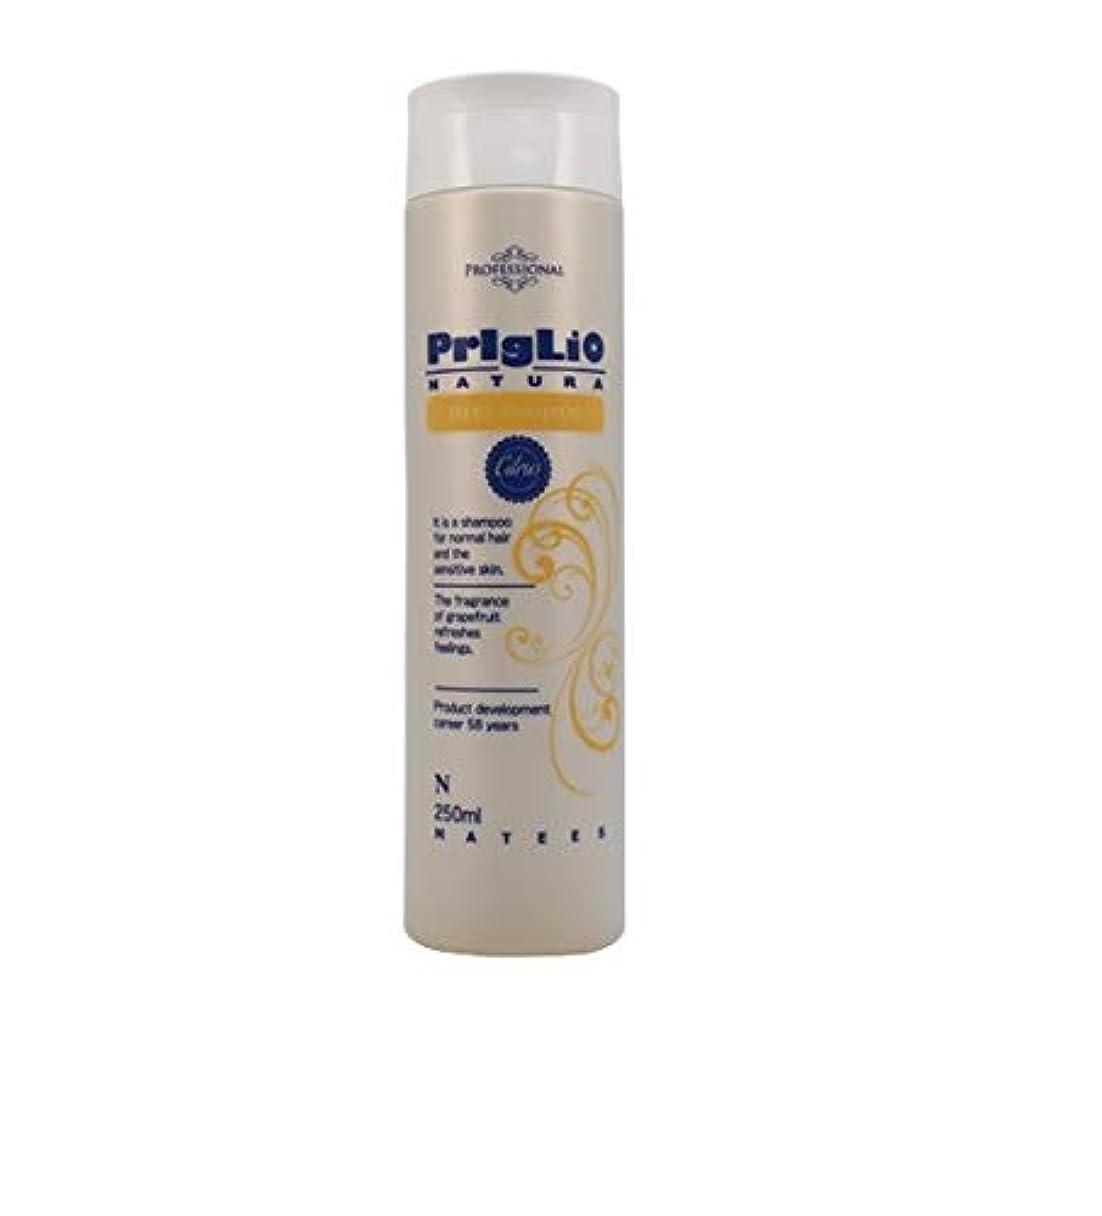 セッティングニュース核PrigLio(プリグリオ) N シトラスシャンプー 250ml